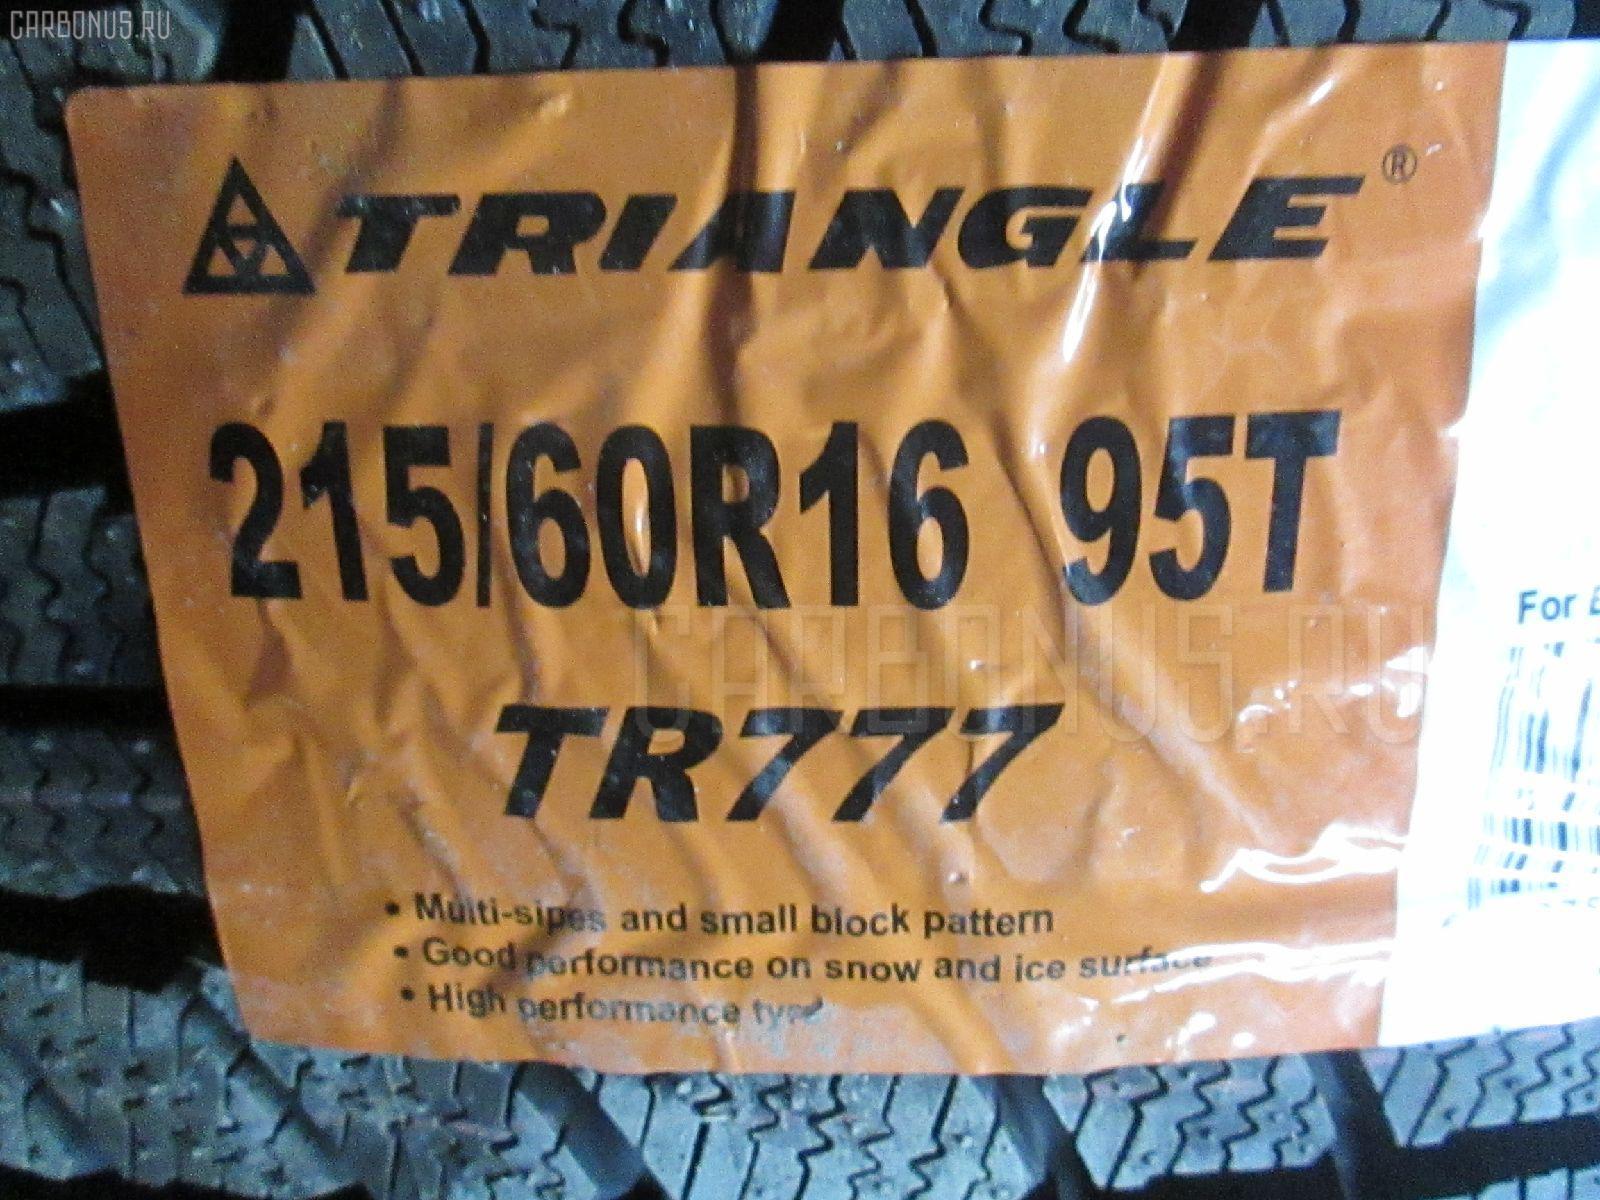 Автошина легковая зимняя TR777 215/60R16. Фото 10